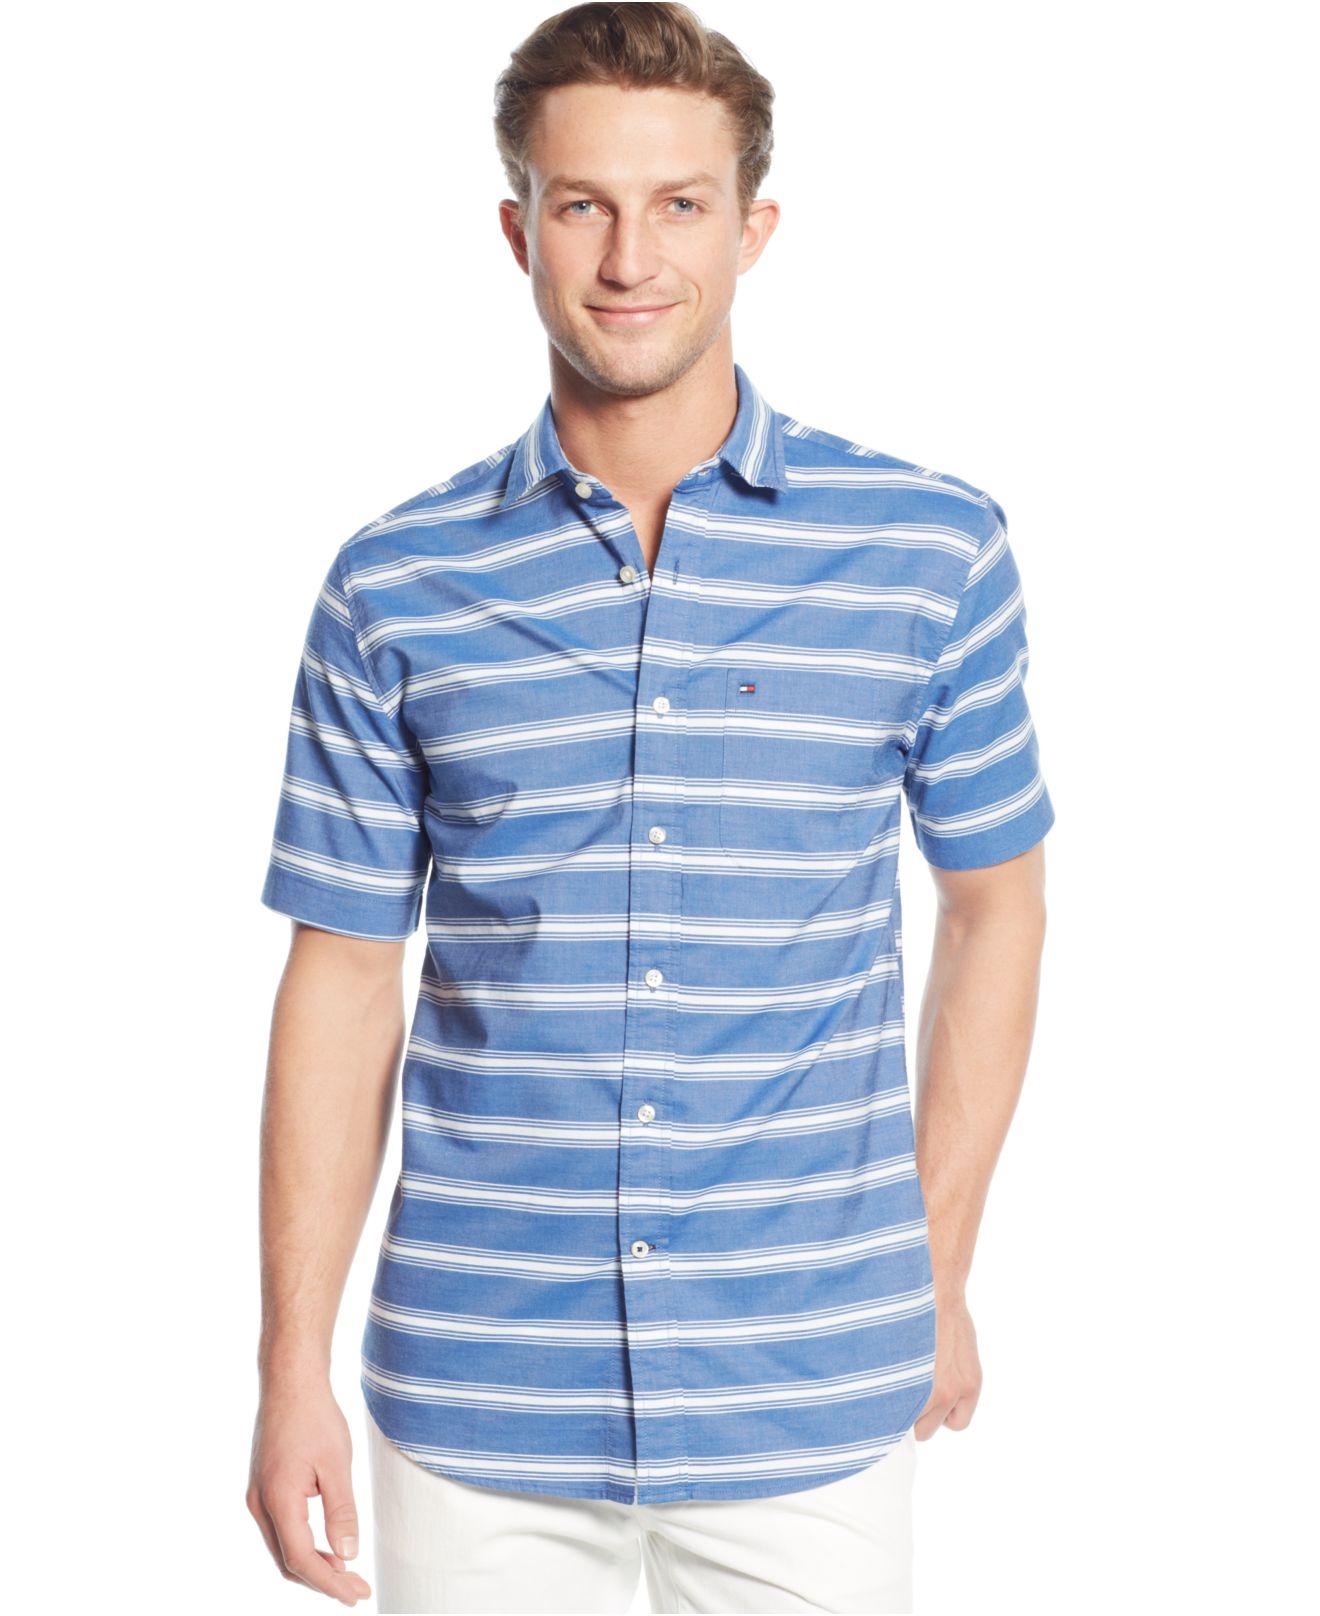 Lyst tommy hilfiger big tall twill horizontal striped for Horizontal striped dress shirts men